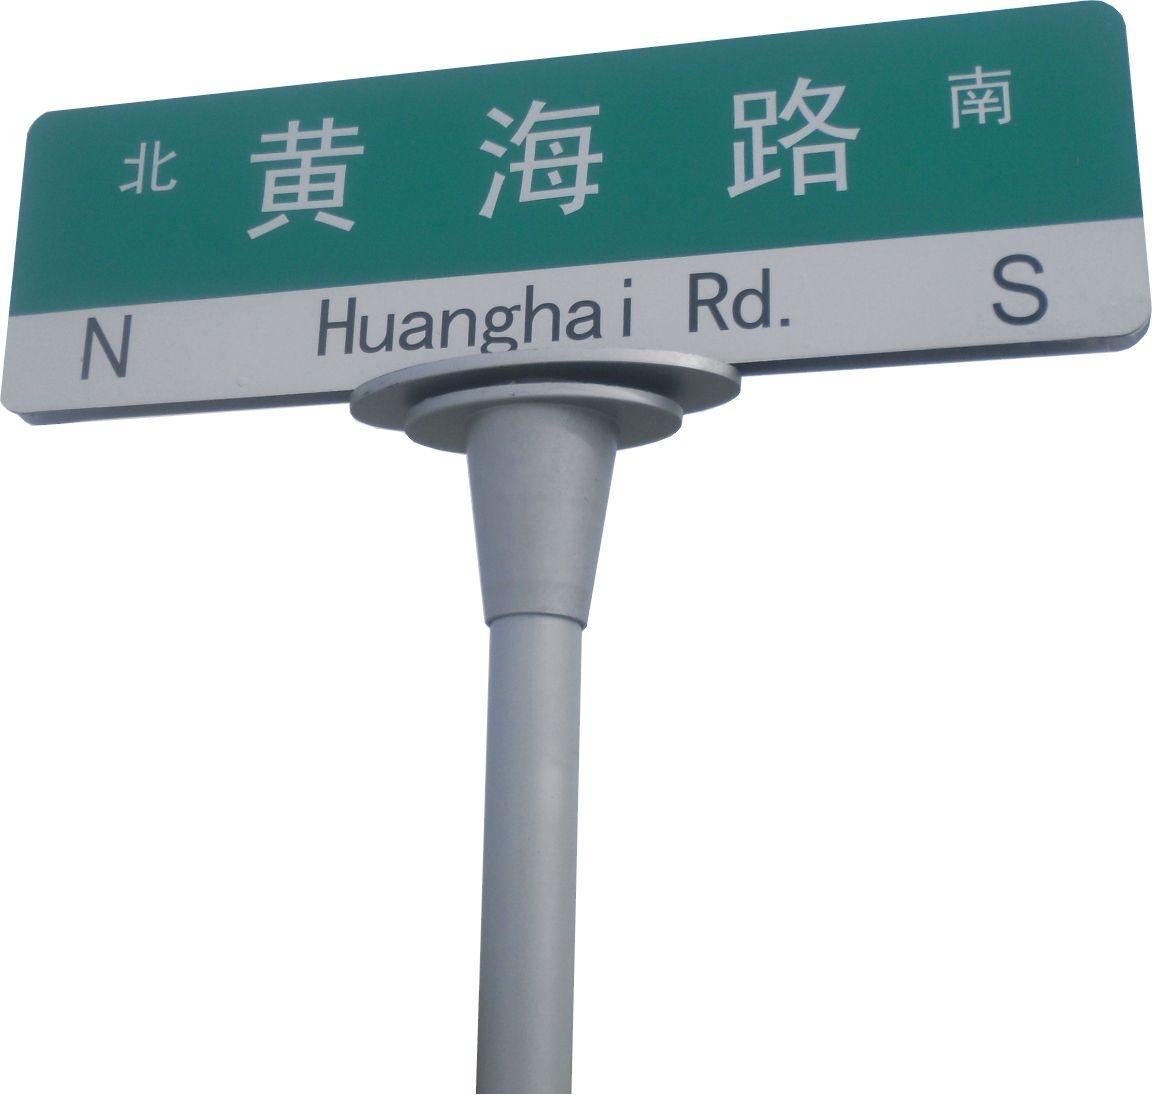 东城.乡.村街道路名牌可根据需求定制